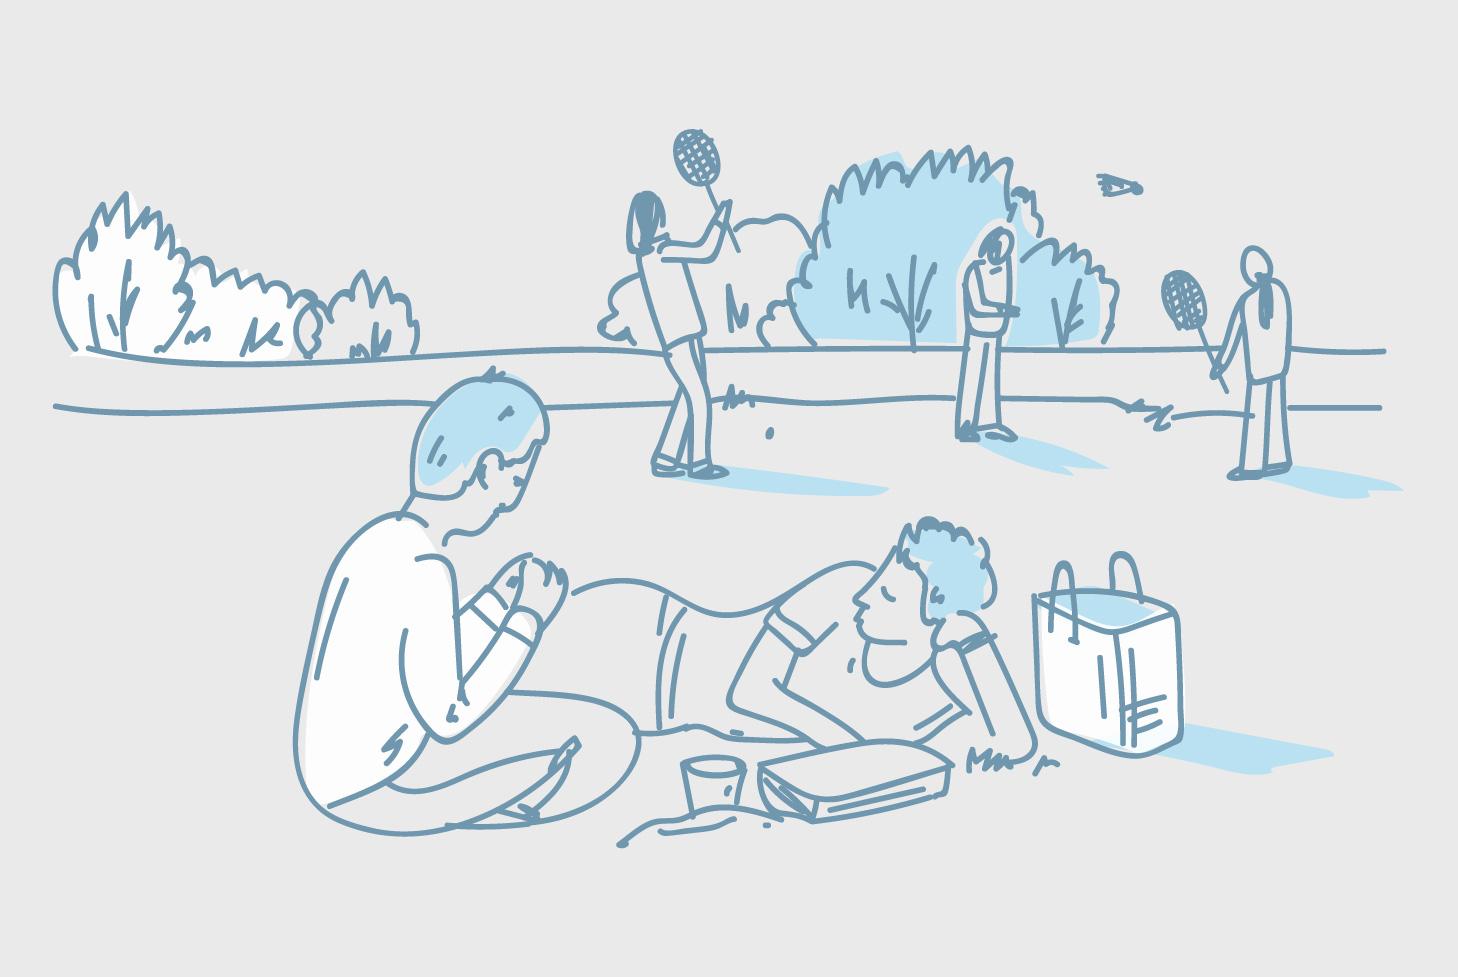 «Новые адреса»: как устроен современный мегаполис и каким будущее Петербурга видят его жители? Рассказывают социолог, художник, фотограф и историк архитектуры